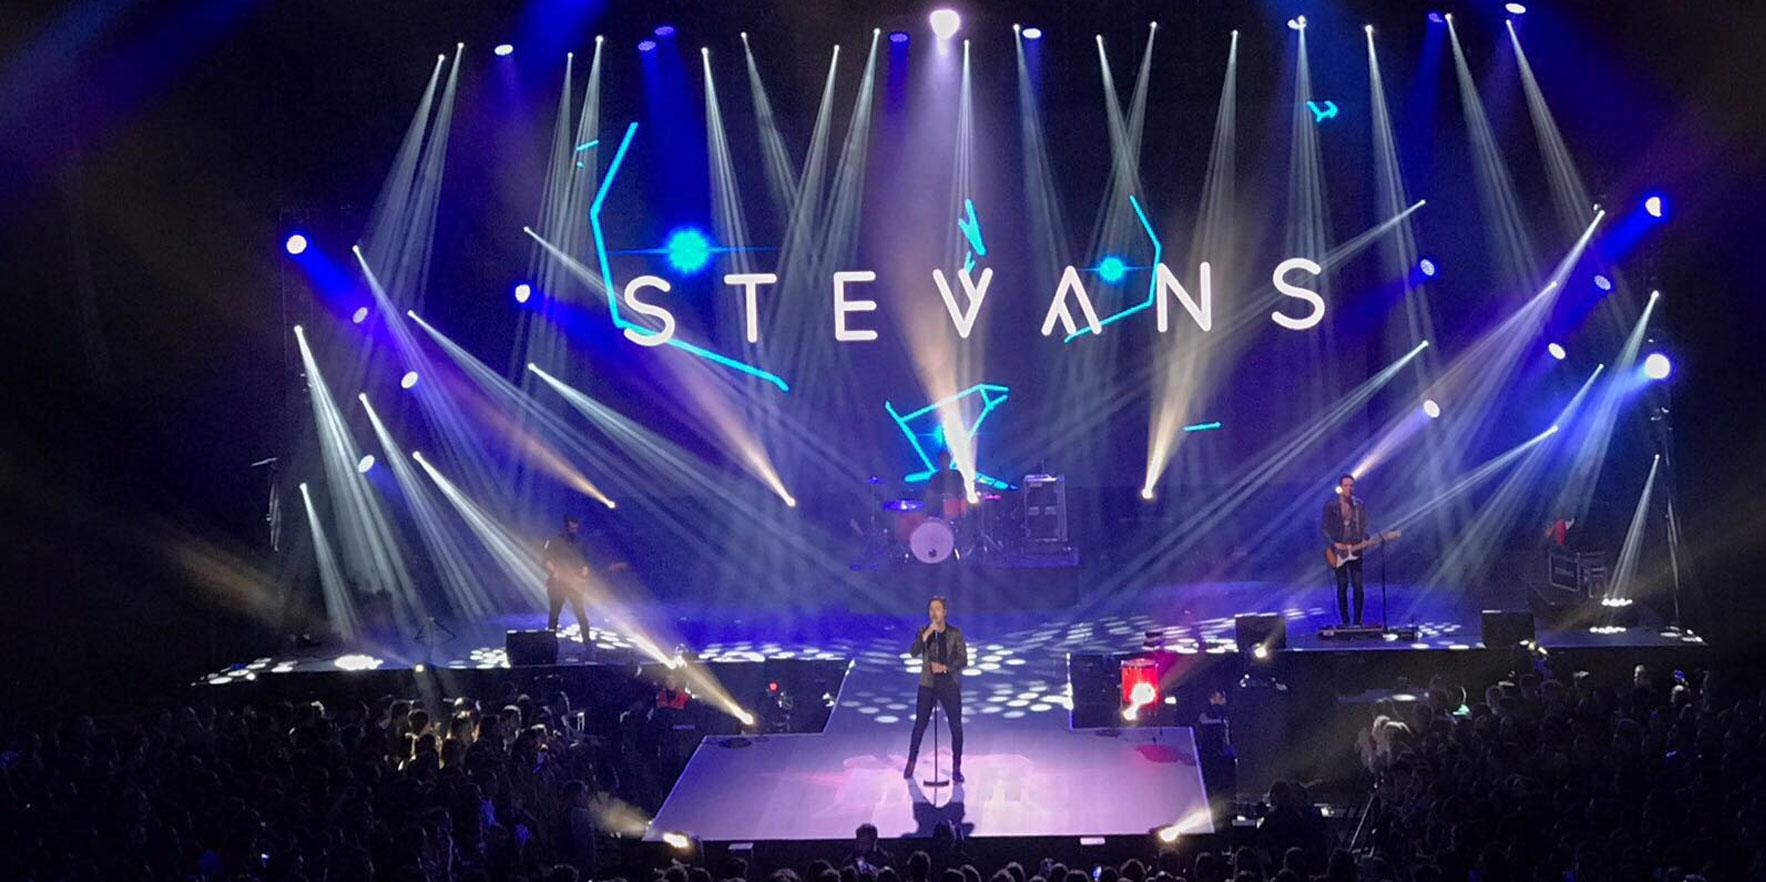 Stevans, Renaissance, Live, Shows 2019